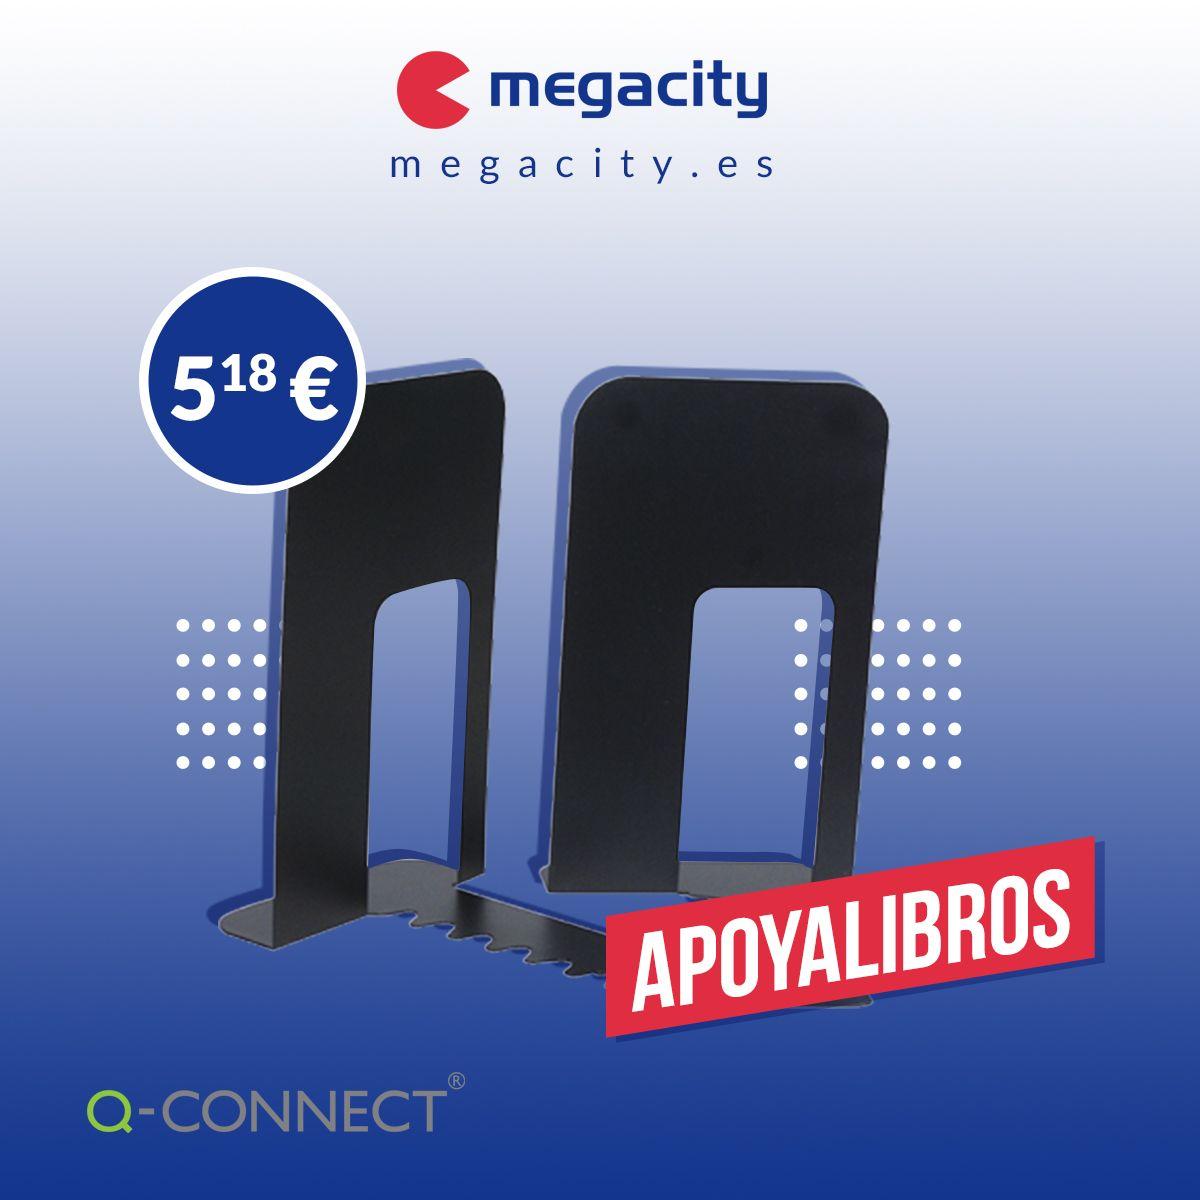 Descubrir los mejores apoyalibros en Megacity